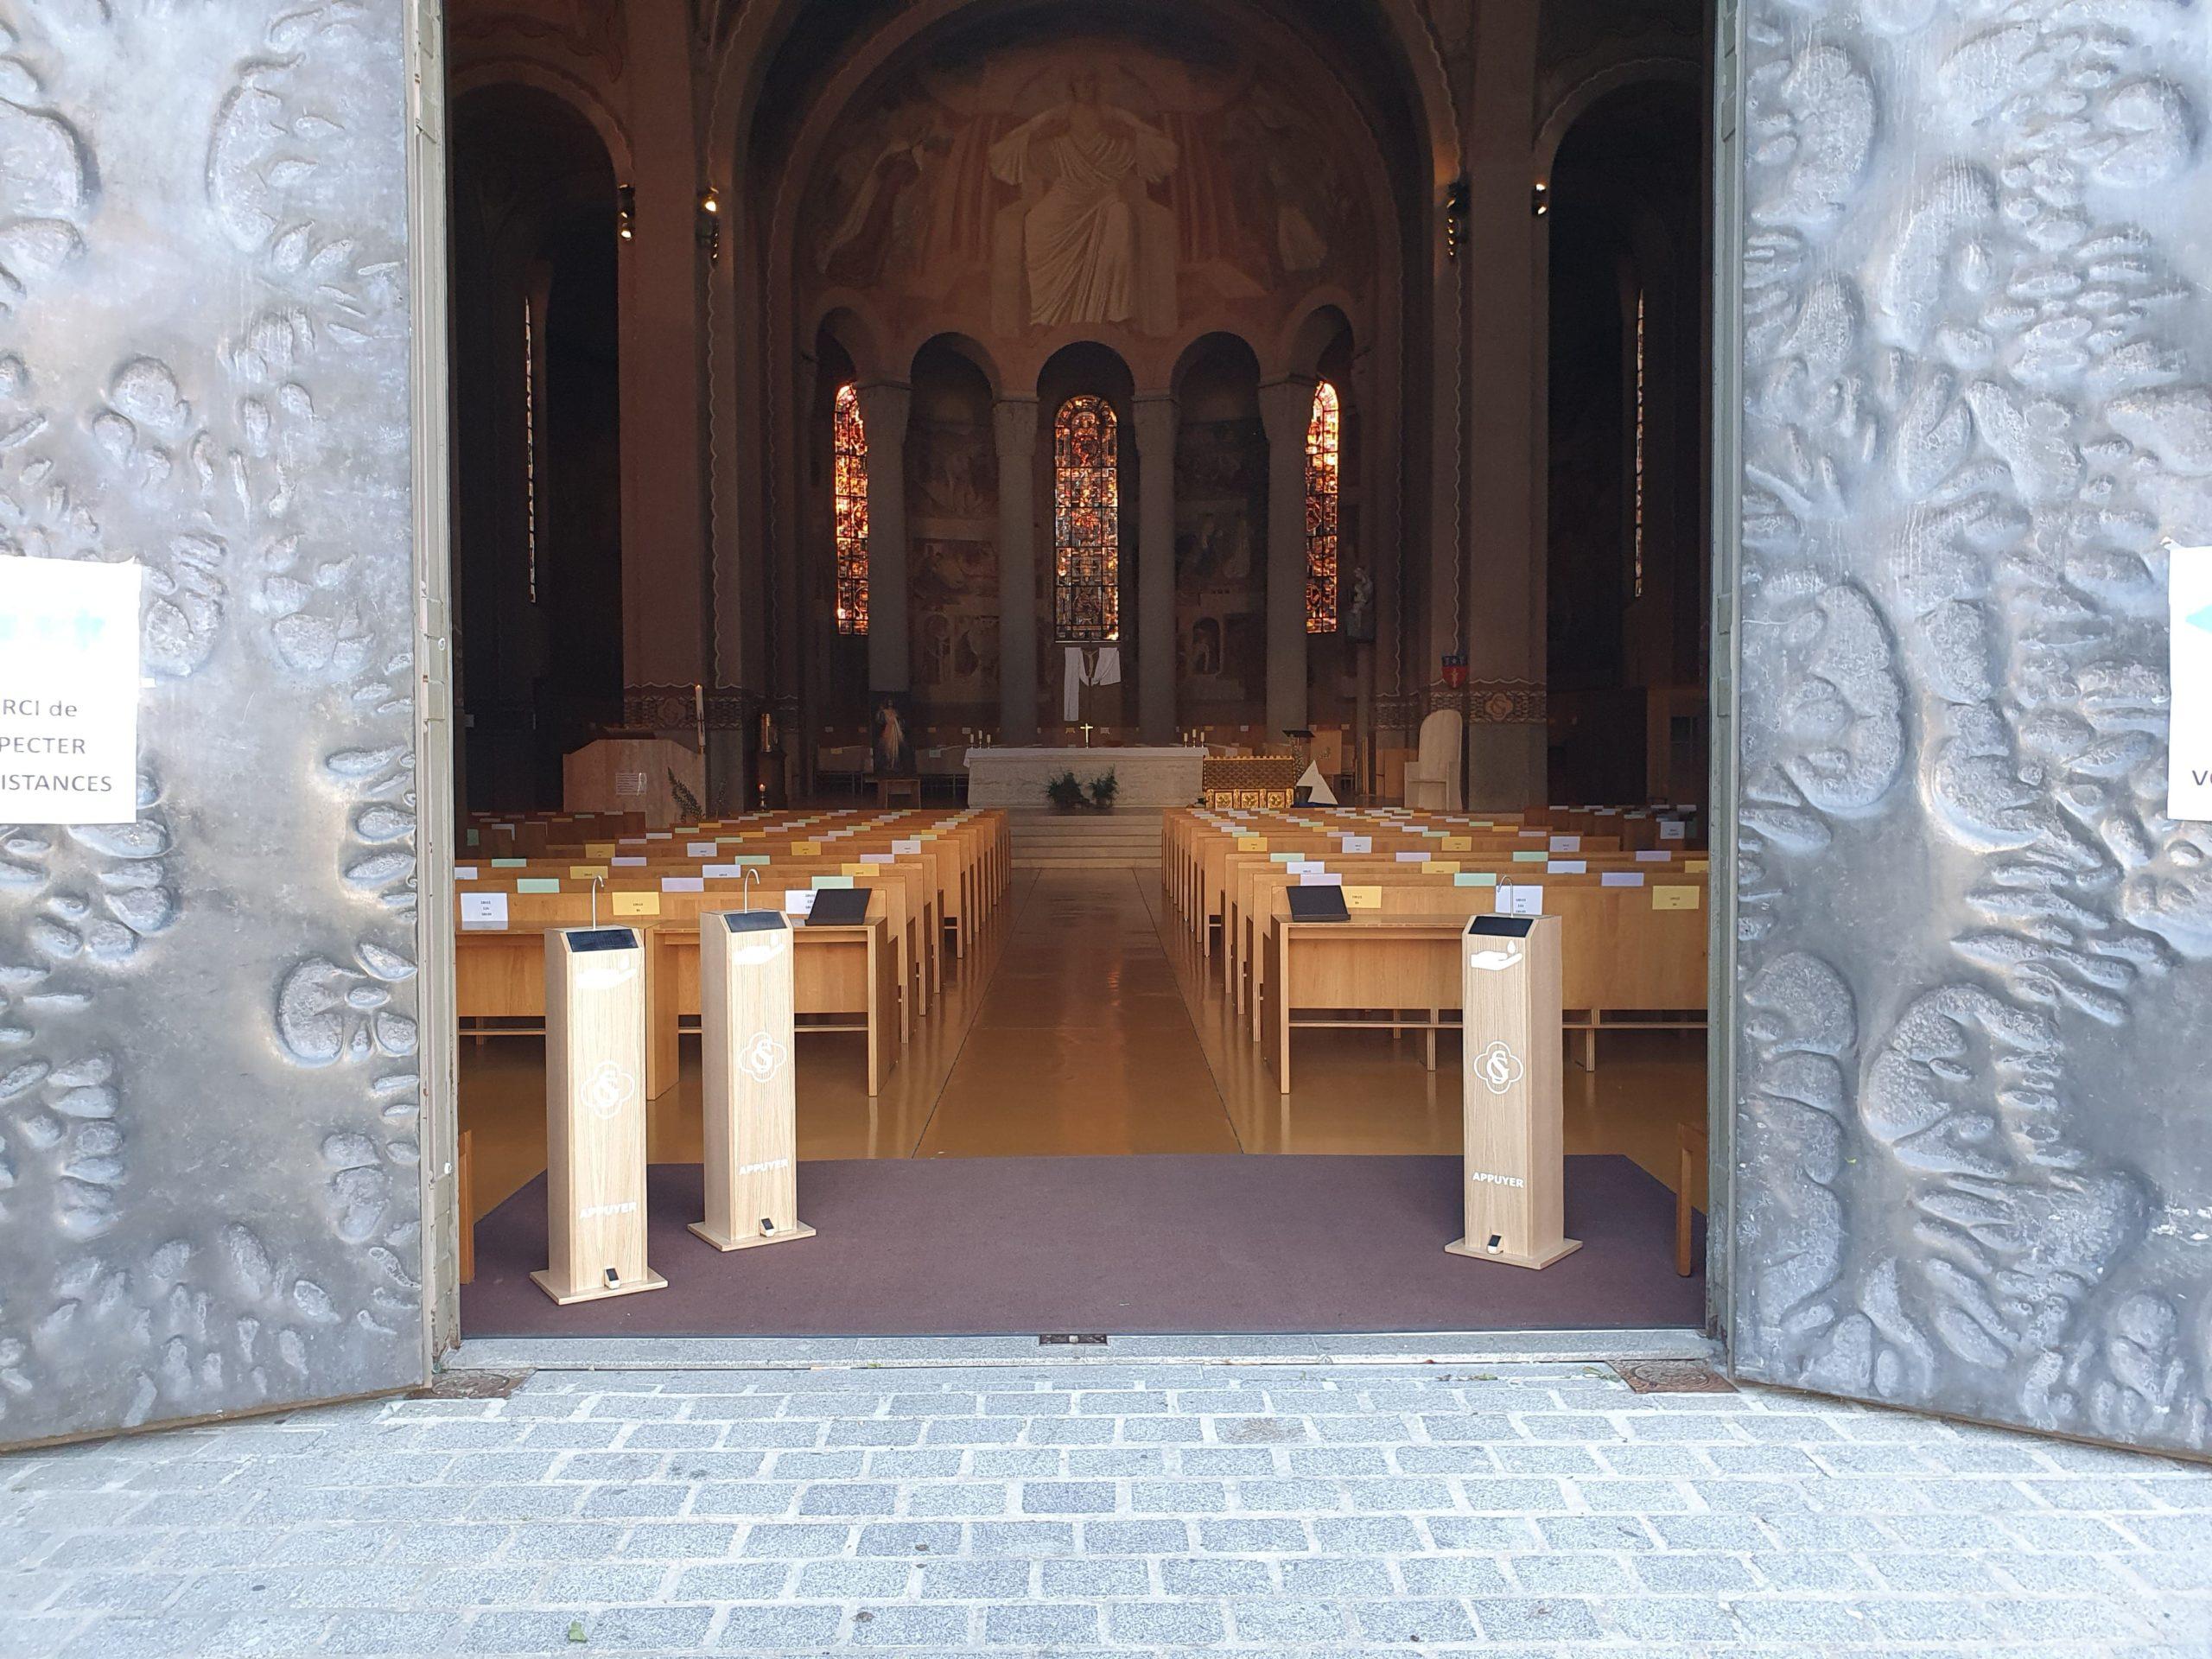 Gégé distributeur totem de gel hydroalcoolique en bois grande capacité 5L sans contact et autonome entrée Cathédrale Sainte Geneviève multiple